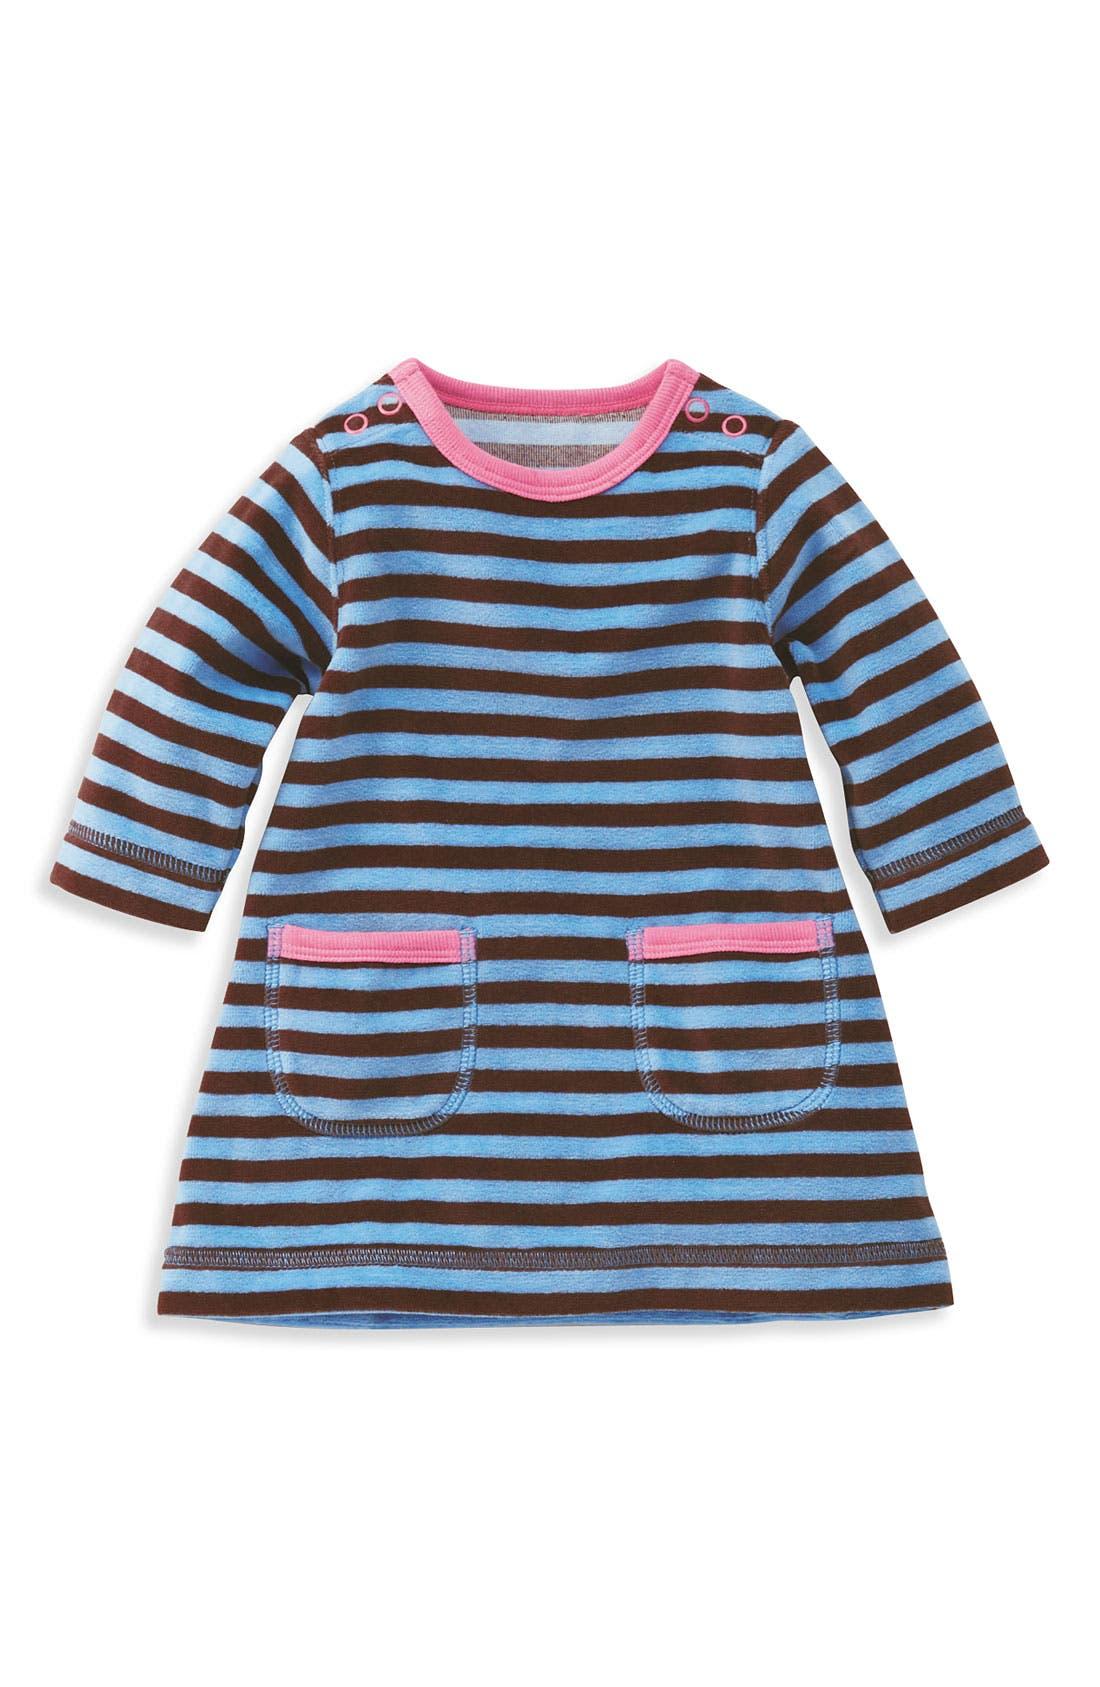 Alternate Image 1 Selected - Mini Boden Velour Dress (Infant)